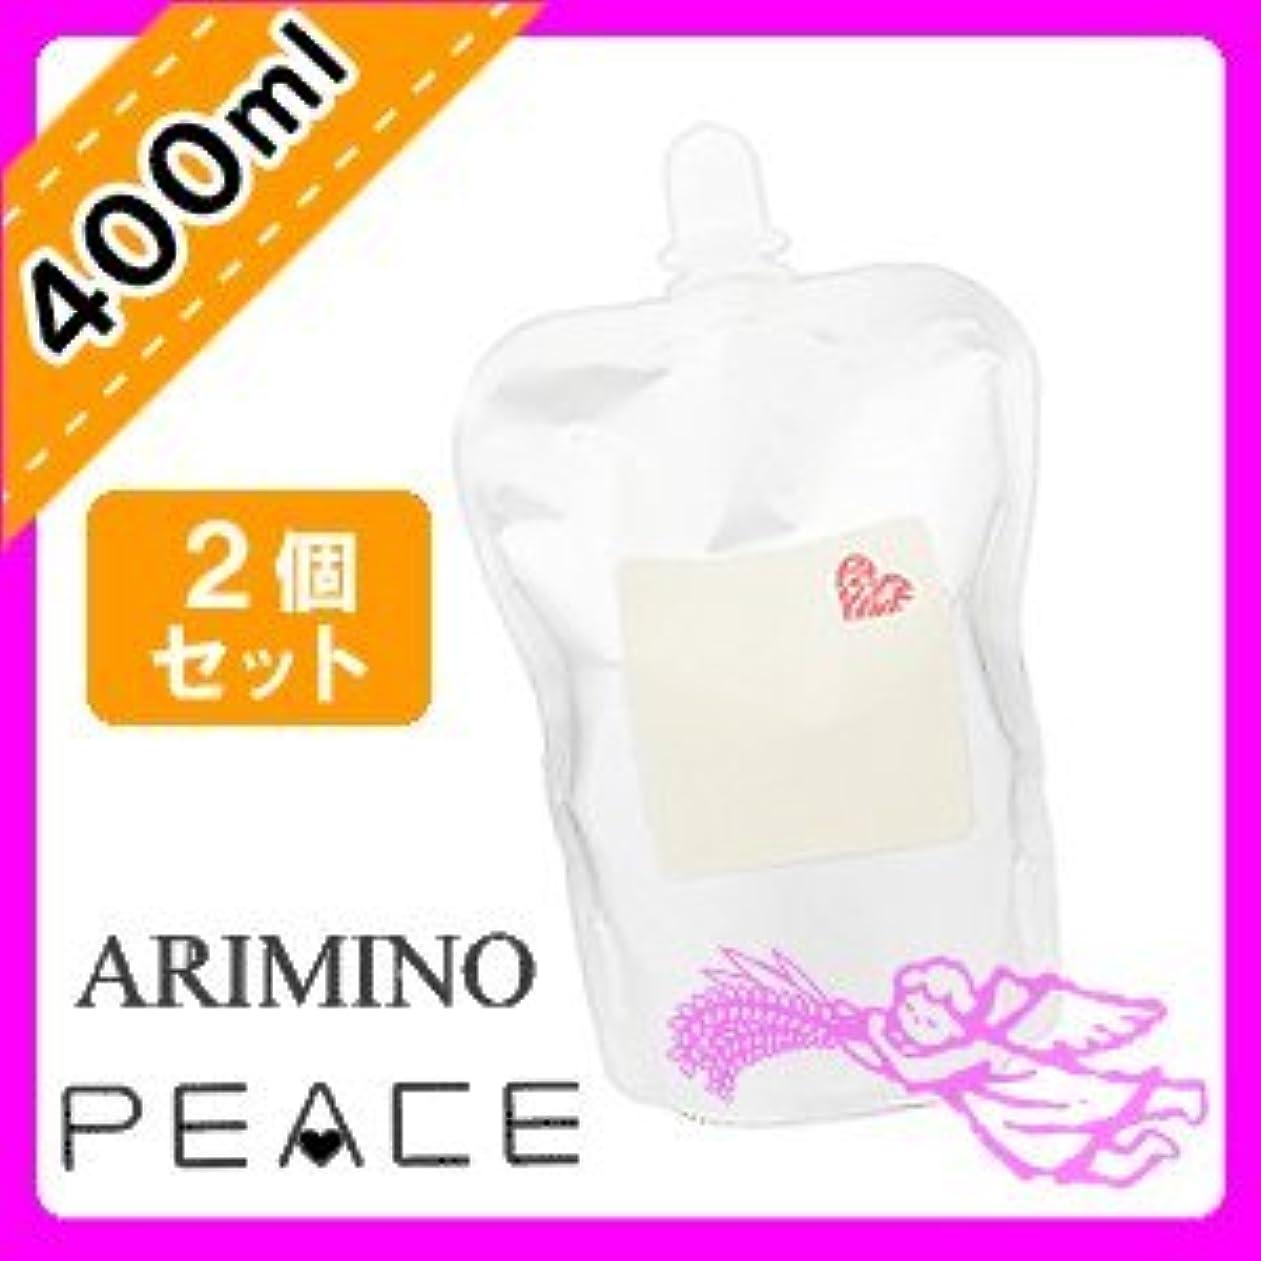 ラメみ献身アリミノ ピース ホイップワックス ナチュラルウェーブ ホイップ400mL ×2個 セット詰め替え用 arimino PEACE